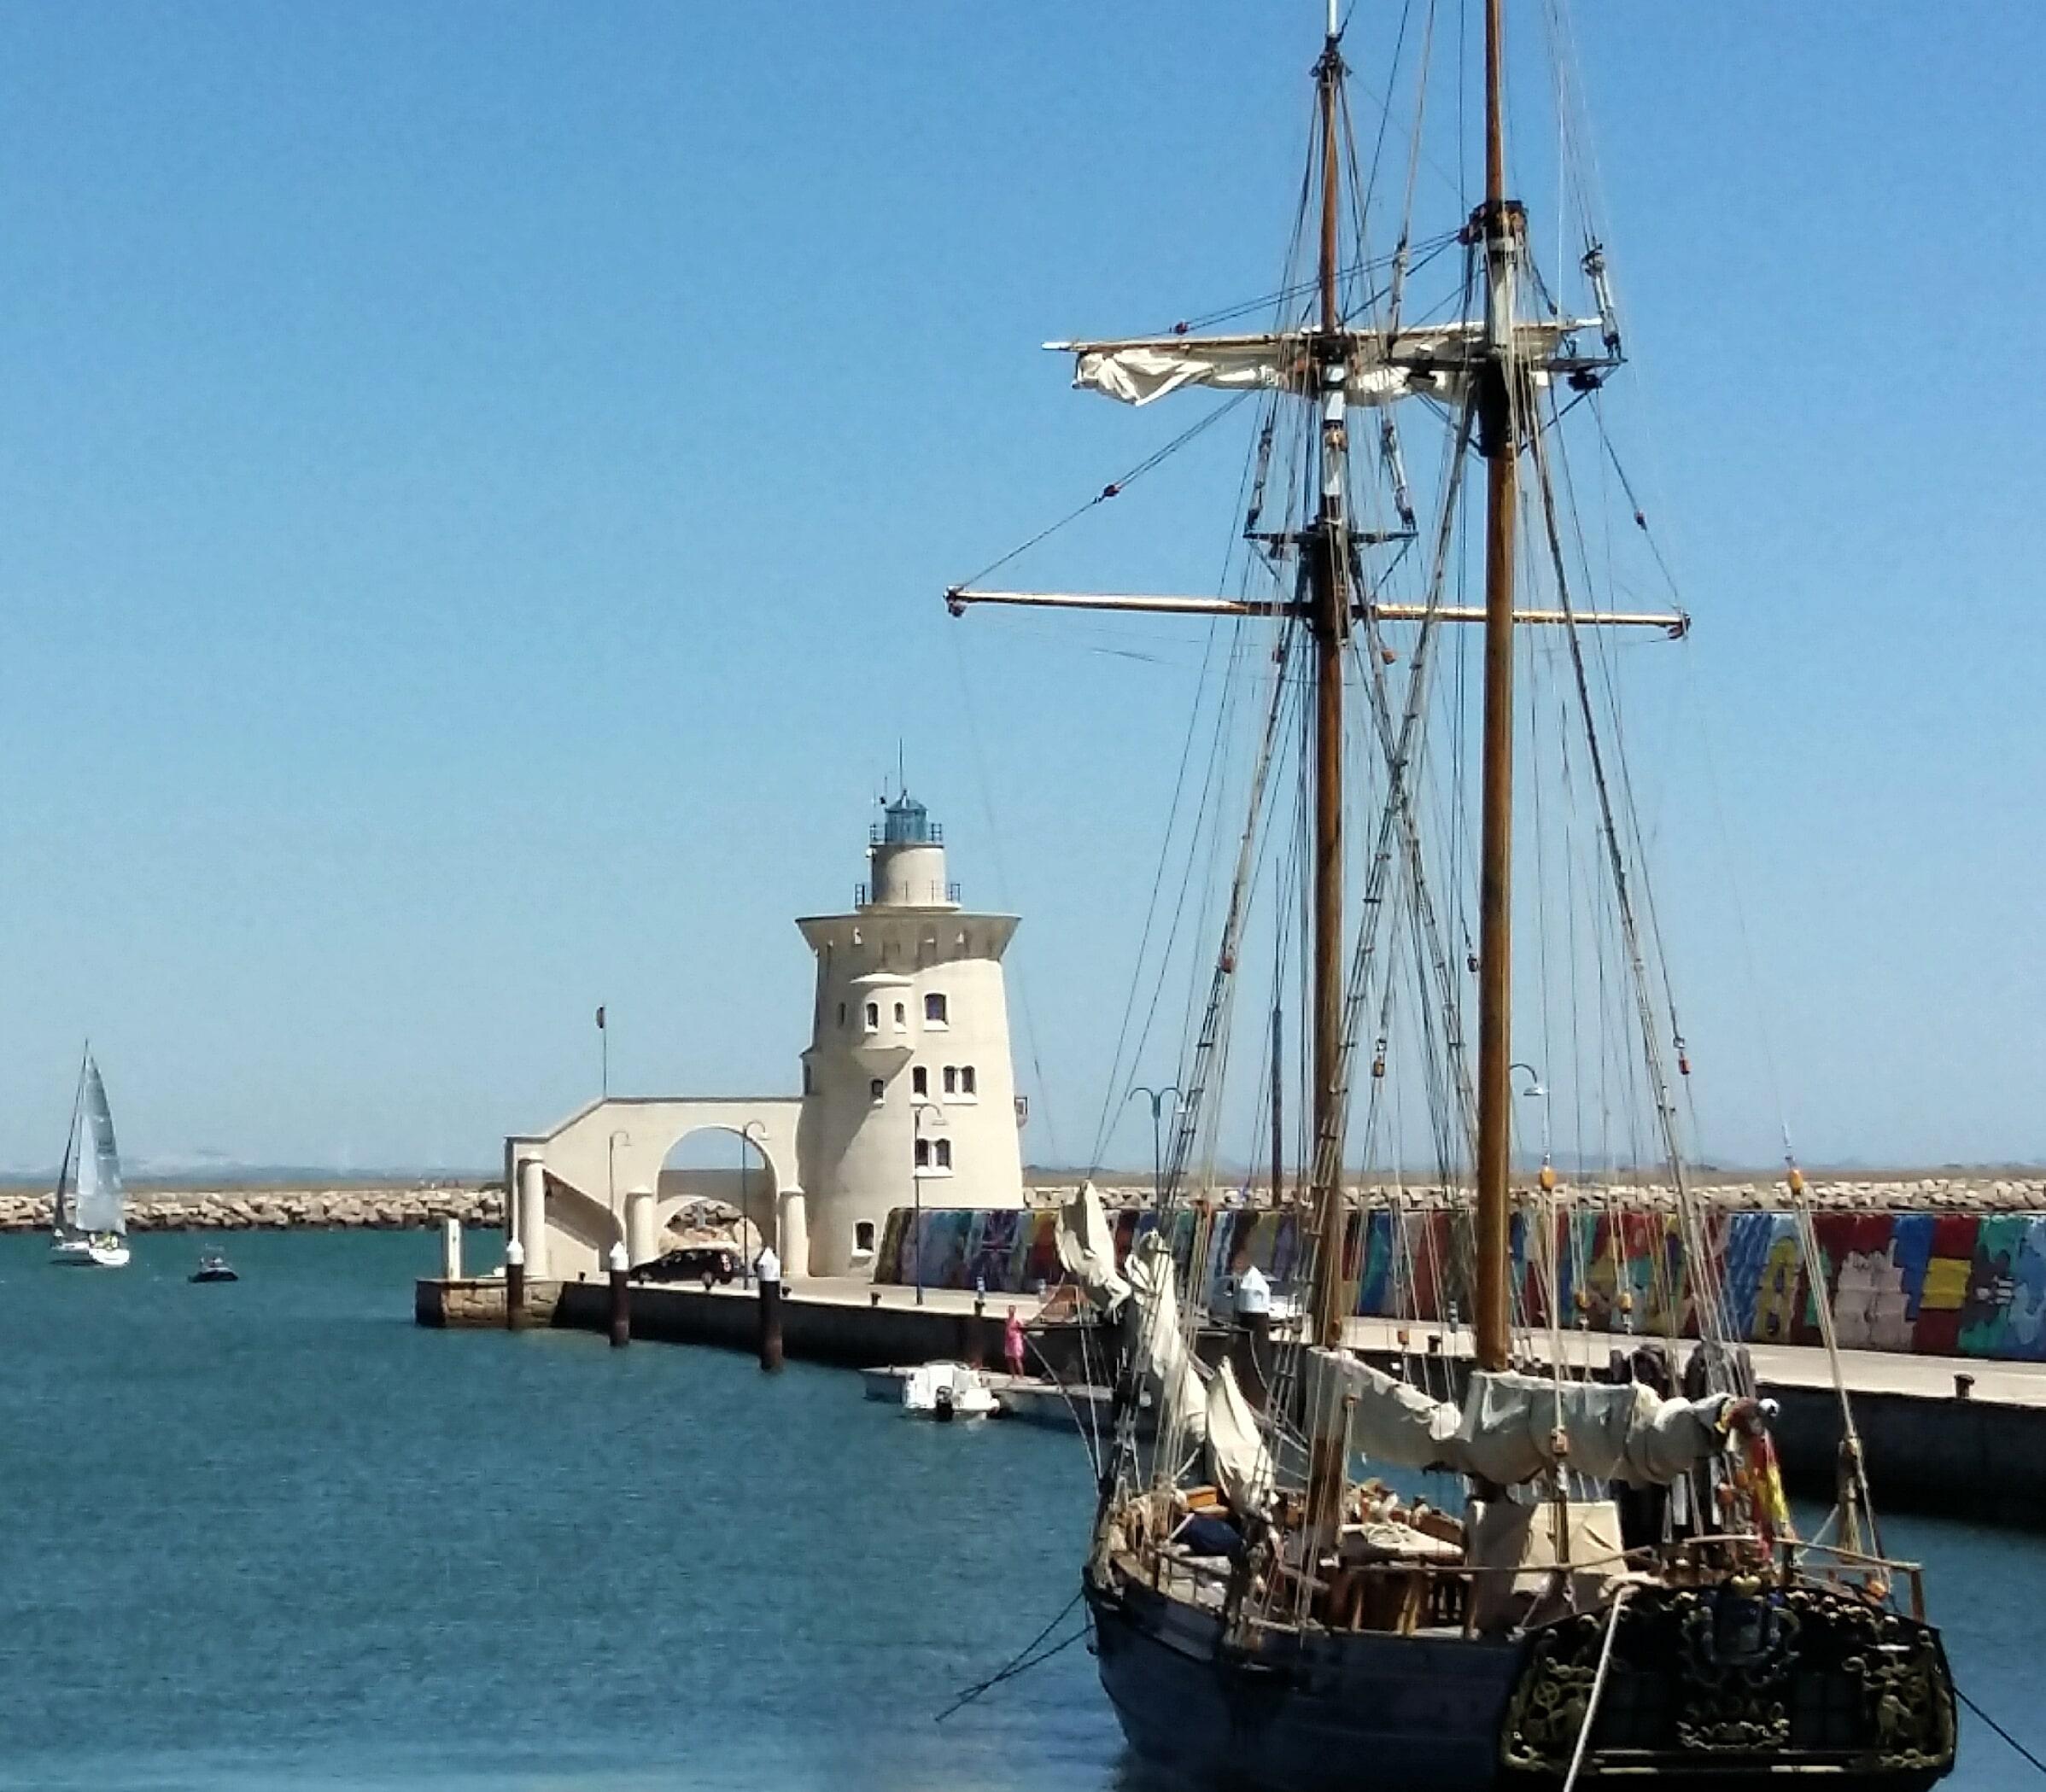 Puerto Santa María, Cádiz